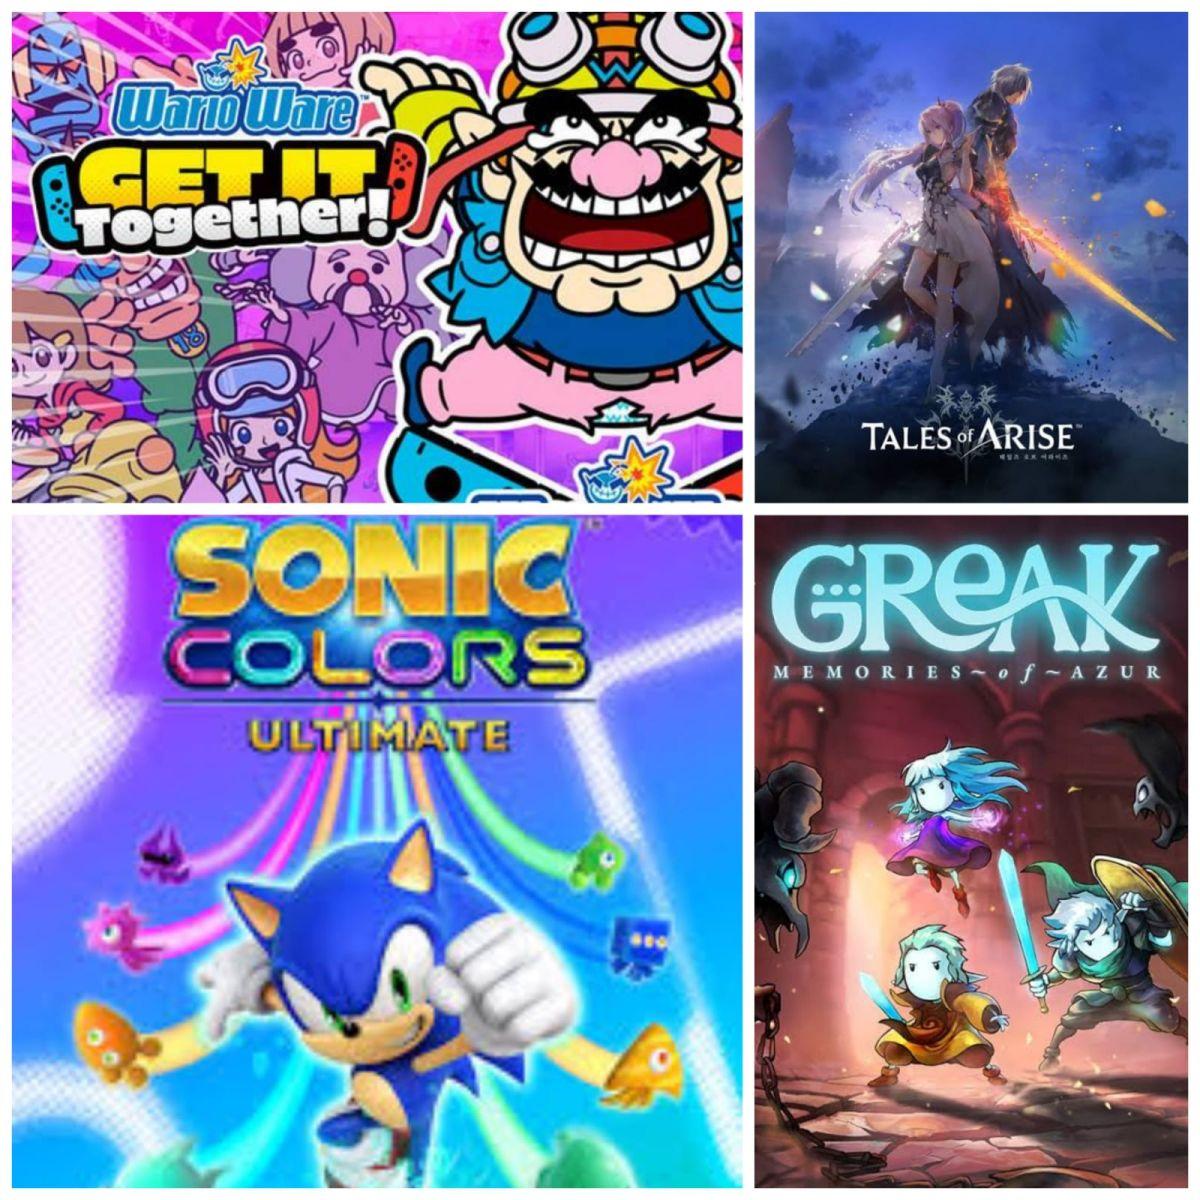 Tales of Arise Sonic Colors Ultimate WarioWare Get It Together y Greak Memories of Azur